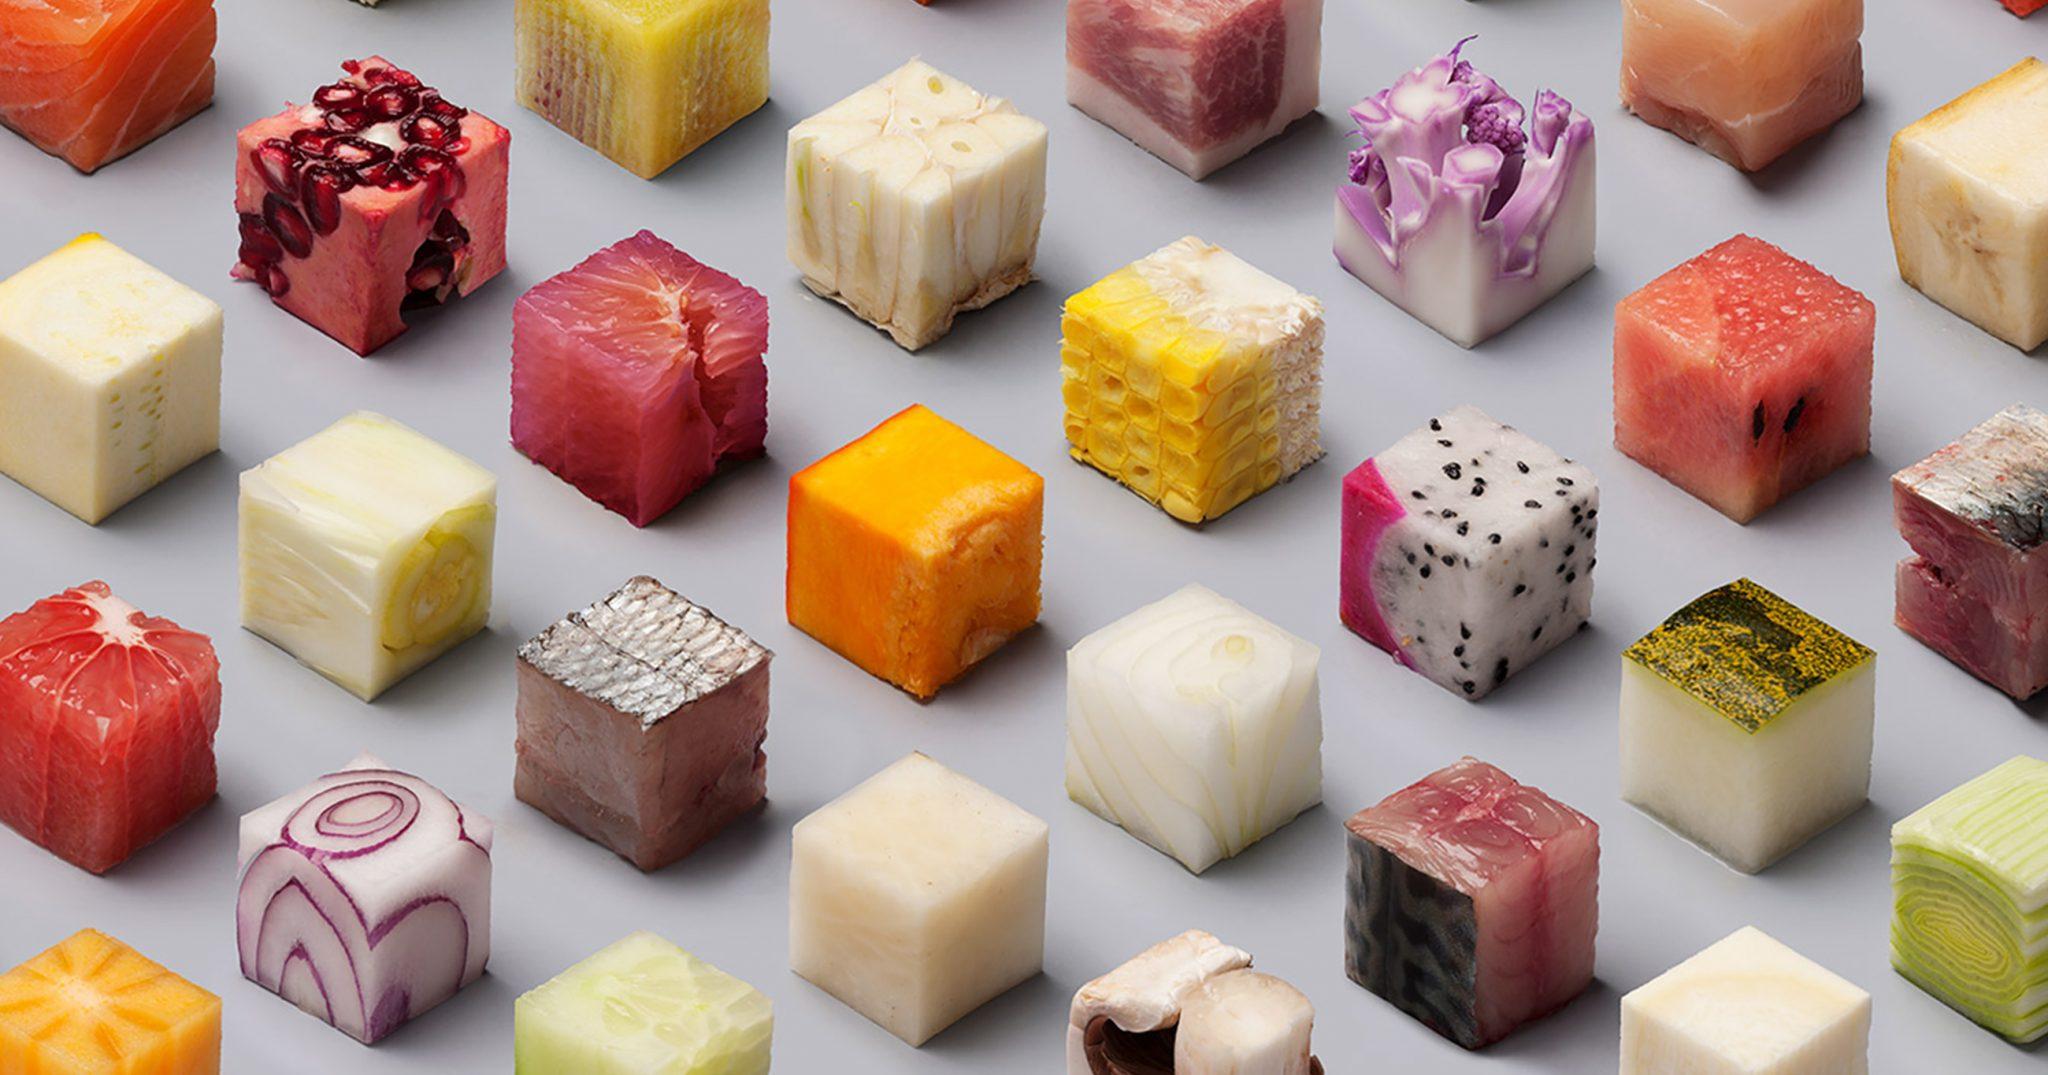 composición de fotografía de alimentos